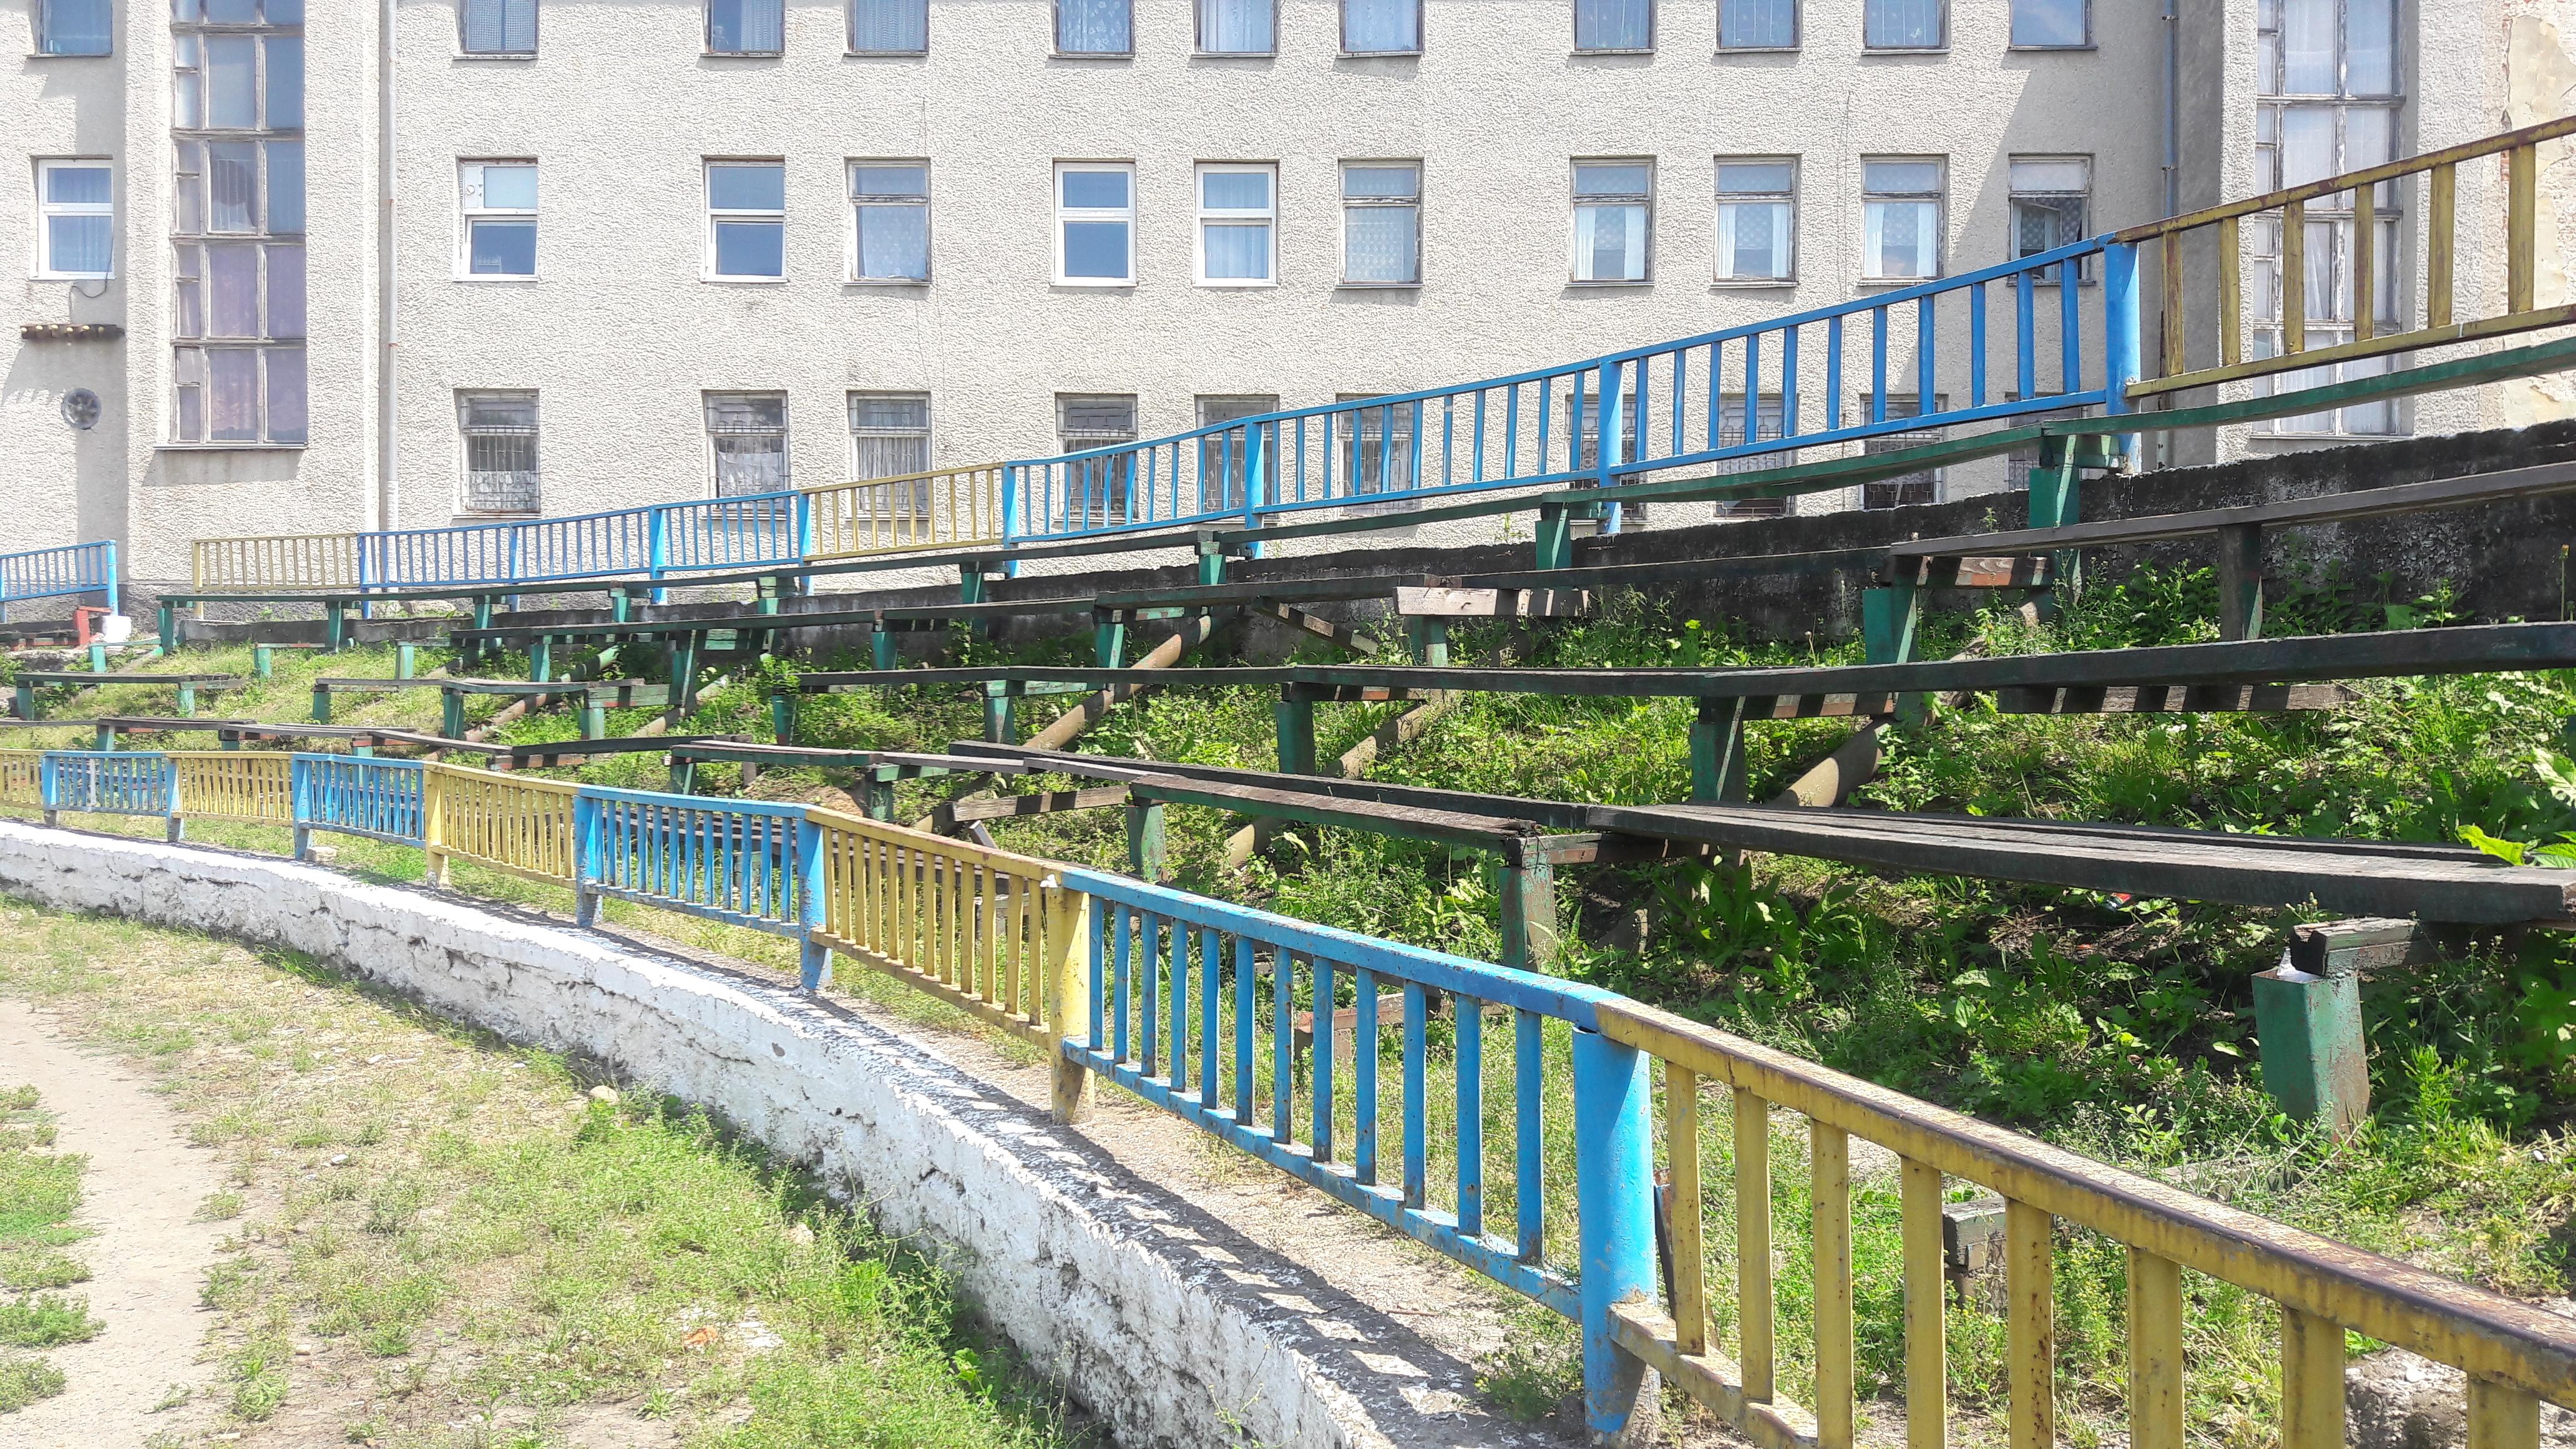 Провінційні стадіони України: Дерев'яно-пластикова арена у Самборі - фото 8